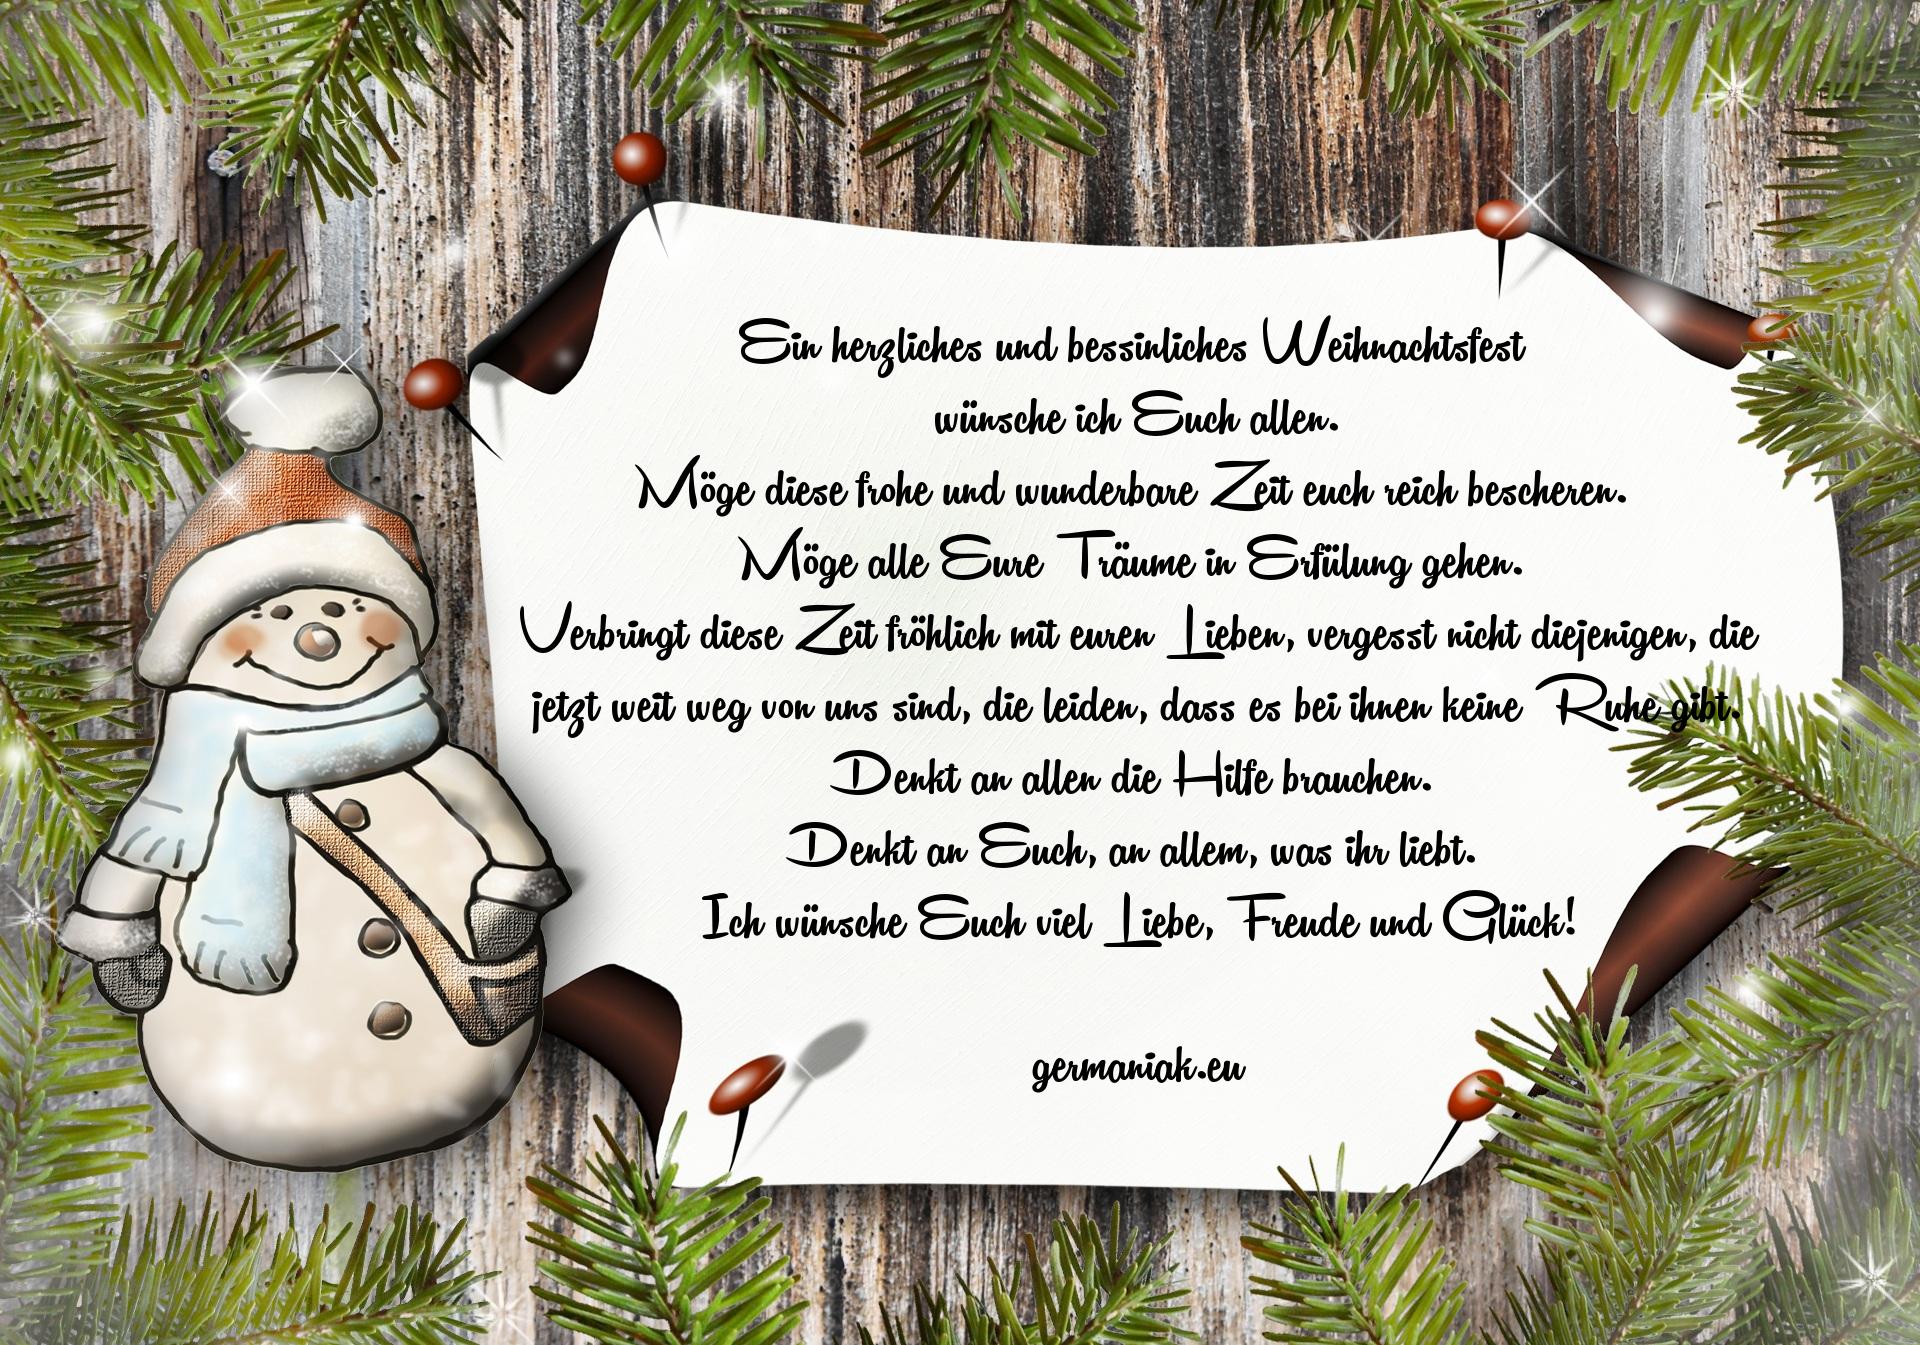 24 Weihnachtswünsche.Weihnachtswünsche Germaniak Eu